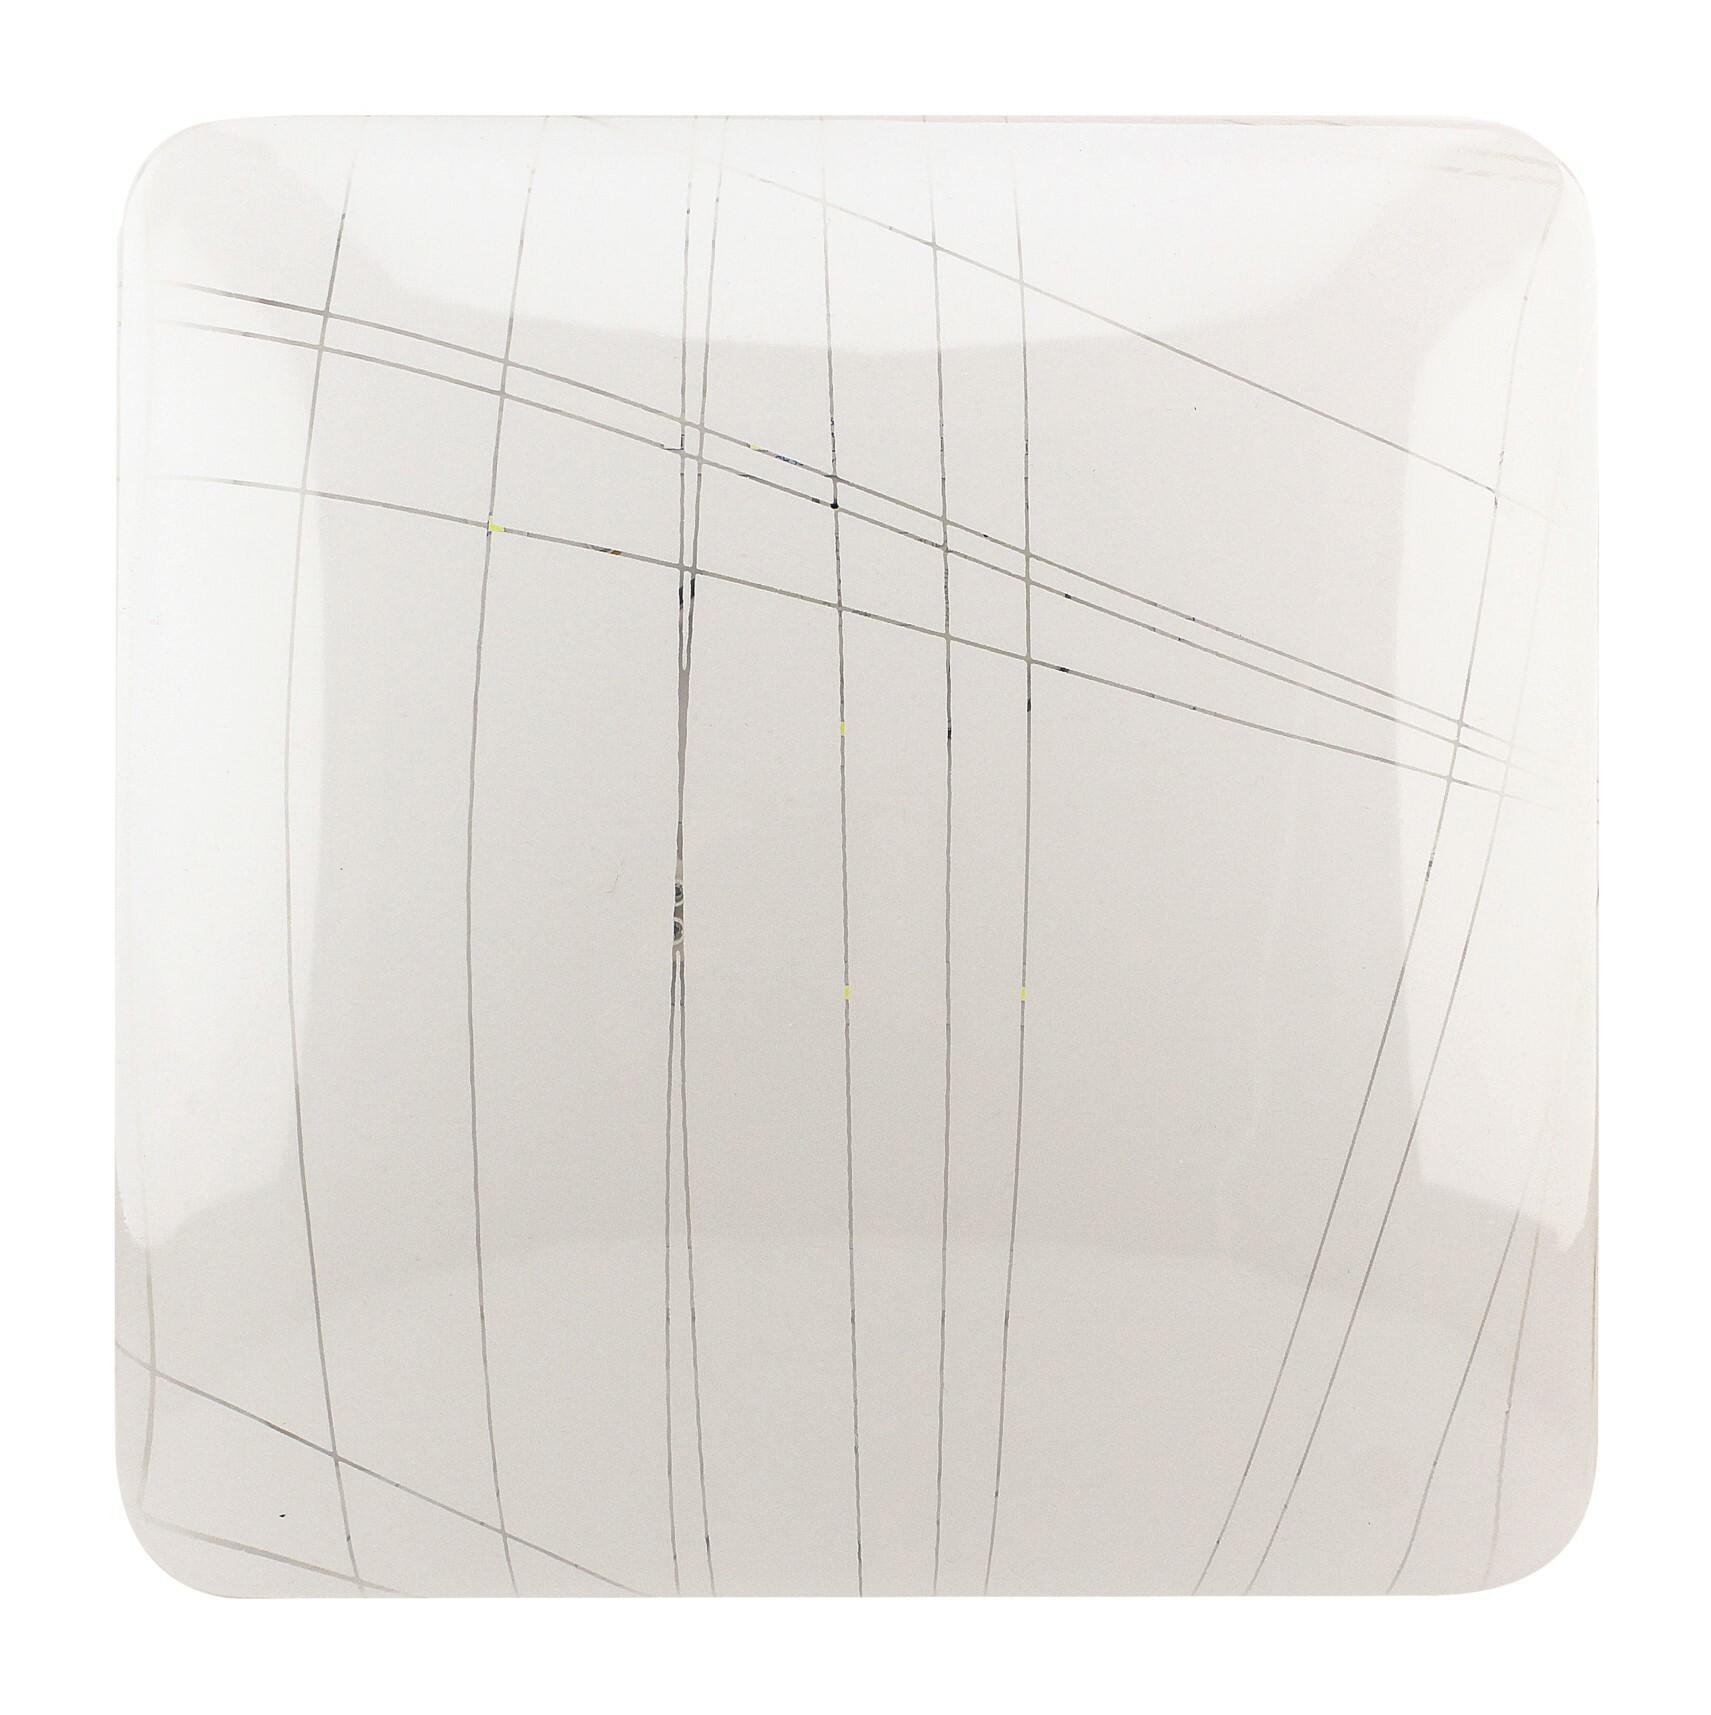 Светильник светодиодный LEEK св-к св/д декоративный 24W(1800lm) 6000K 6K Гранж 350x350x75 квадрат IP22 СЛЛ 036